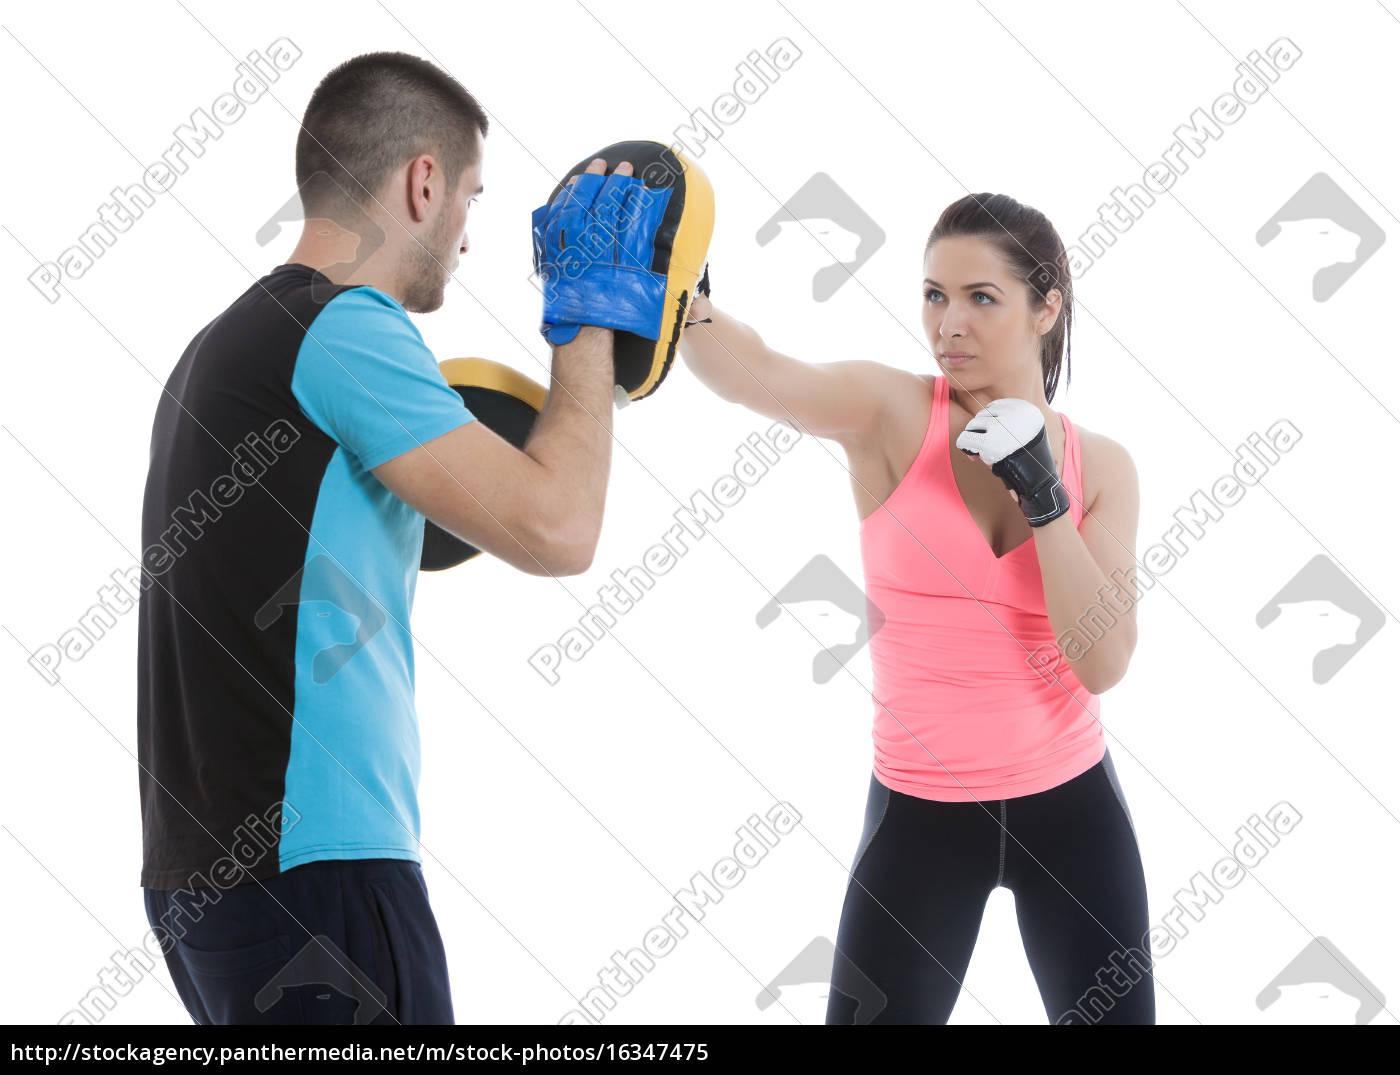 boxing, training, exercise - 16347475